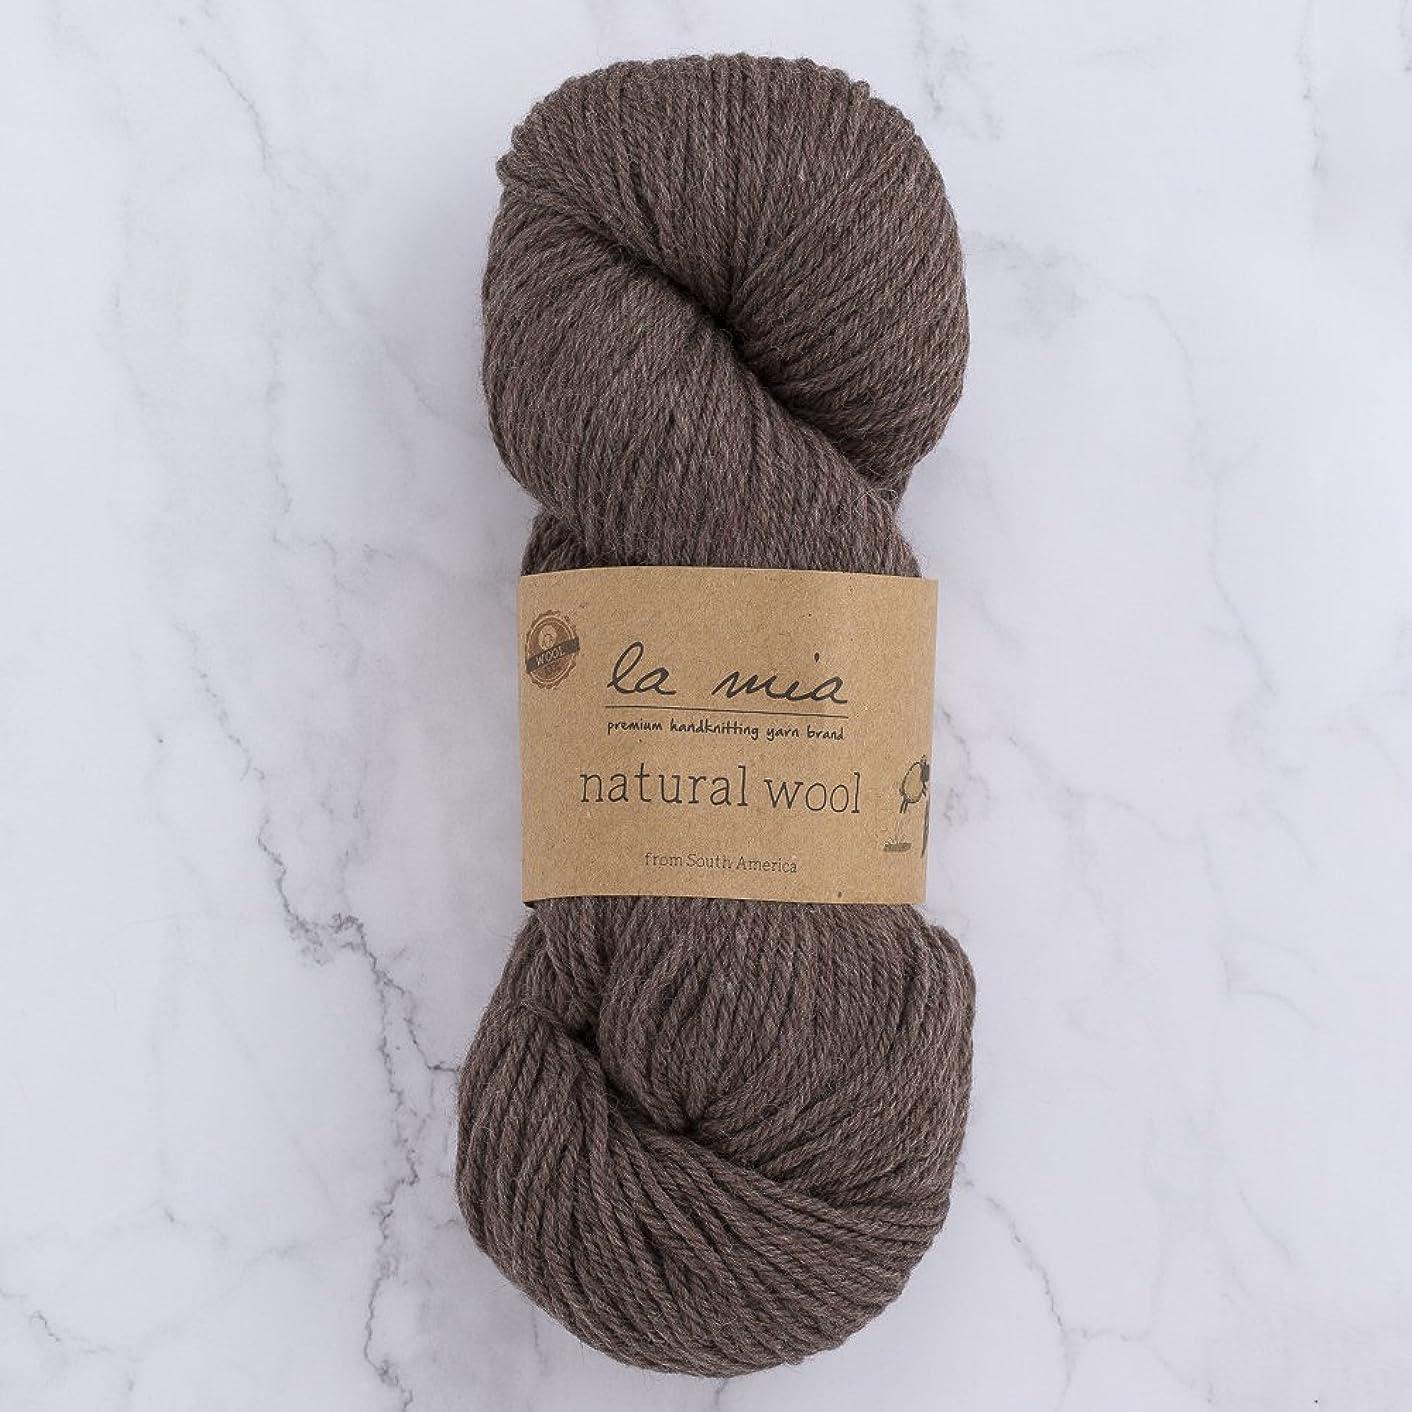 1 Skein La Mia%100 Natural Wool 3.5 Oz(100g) / 218 Yrds (200m), Medium Worsted, Afghan, Yarn, Brown - 40006